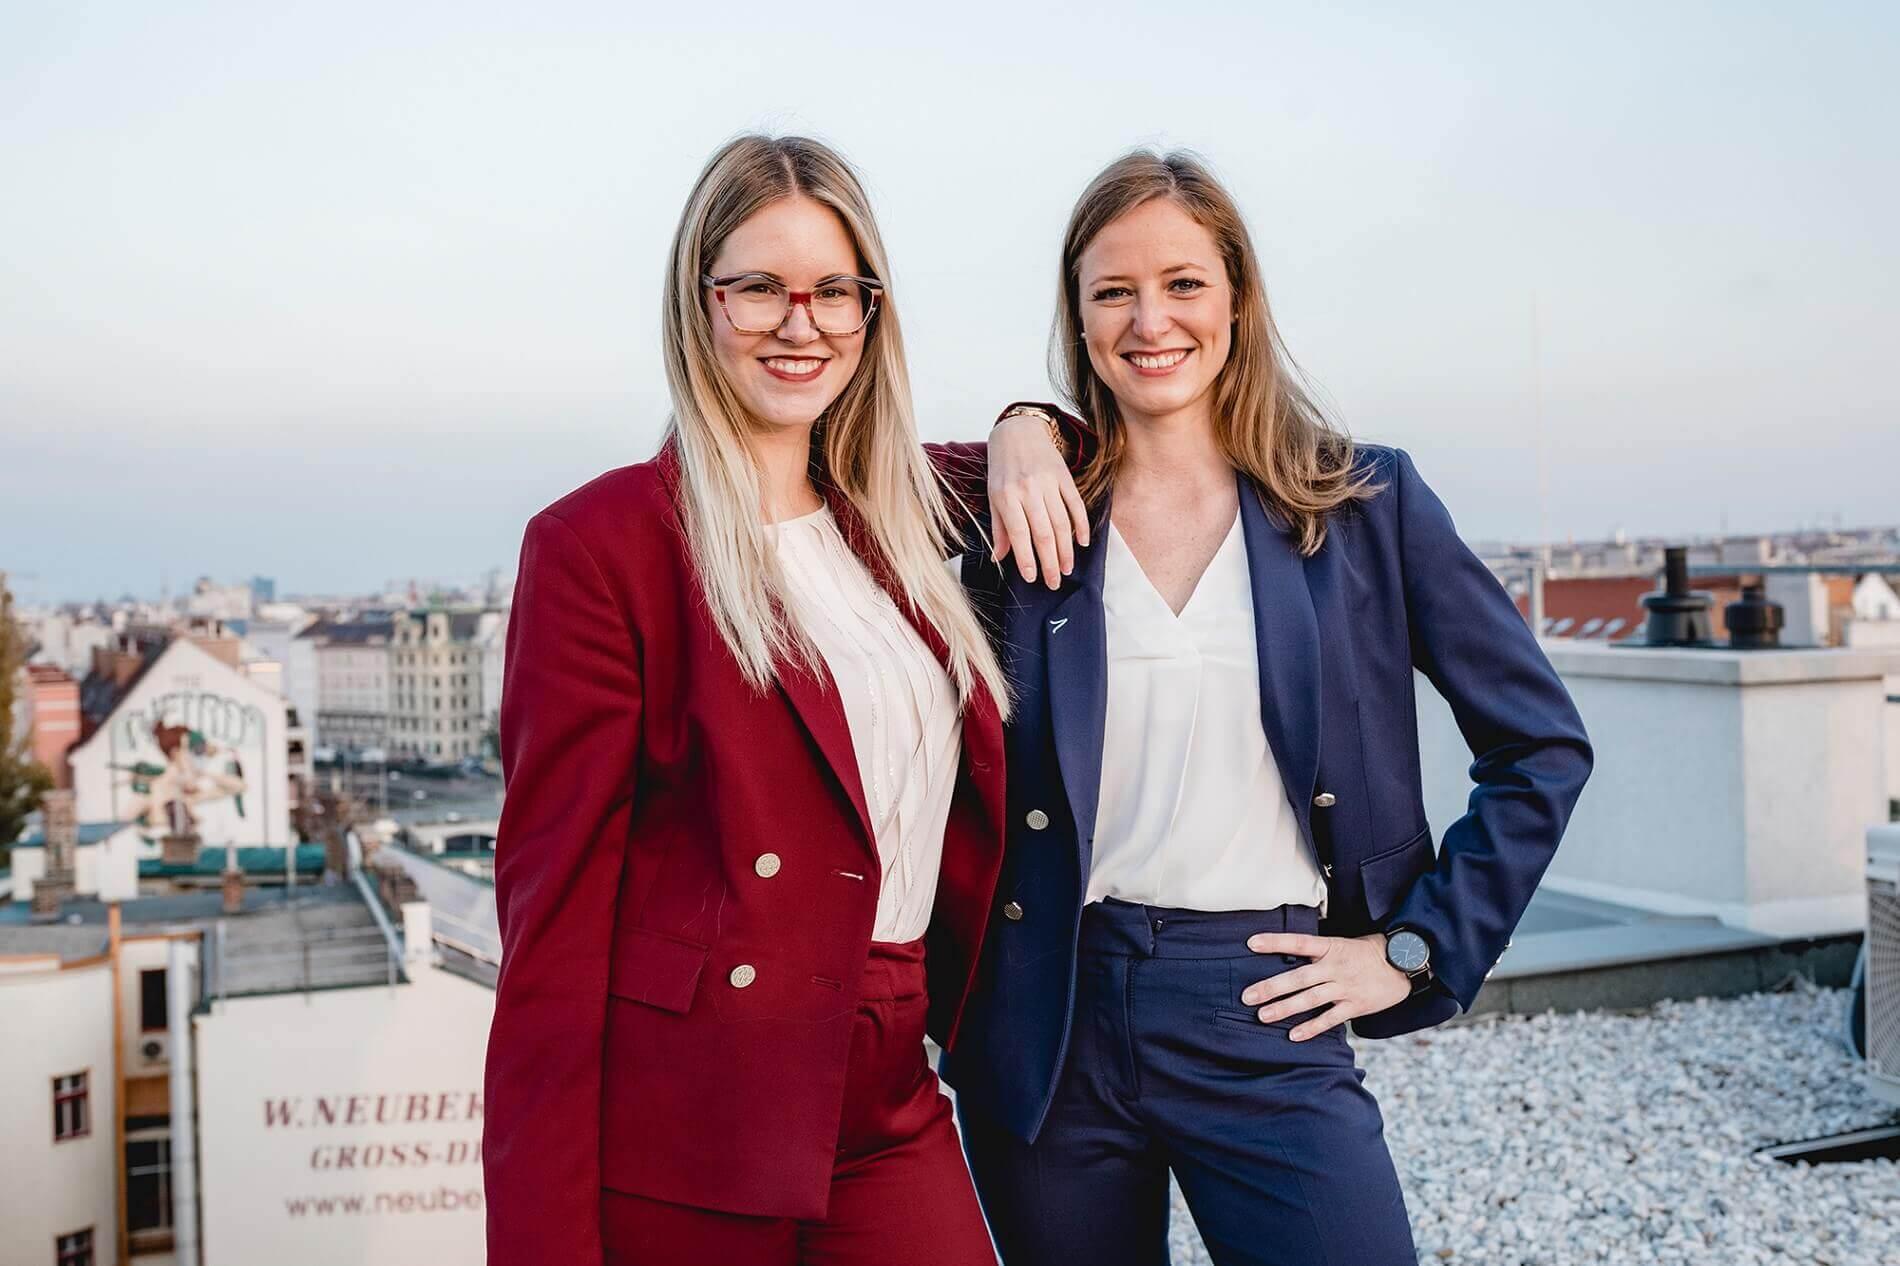 Female Leadership: Frauen in der StartUp-Szene